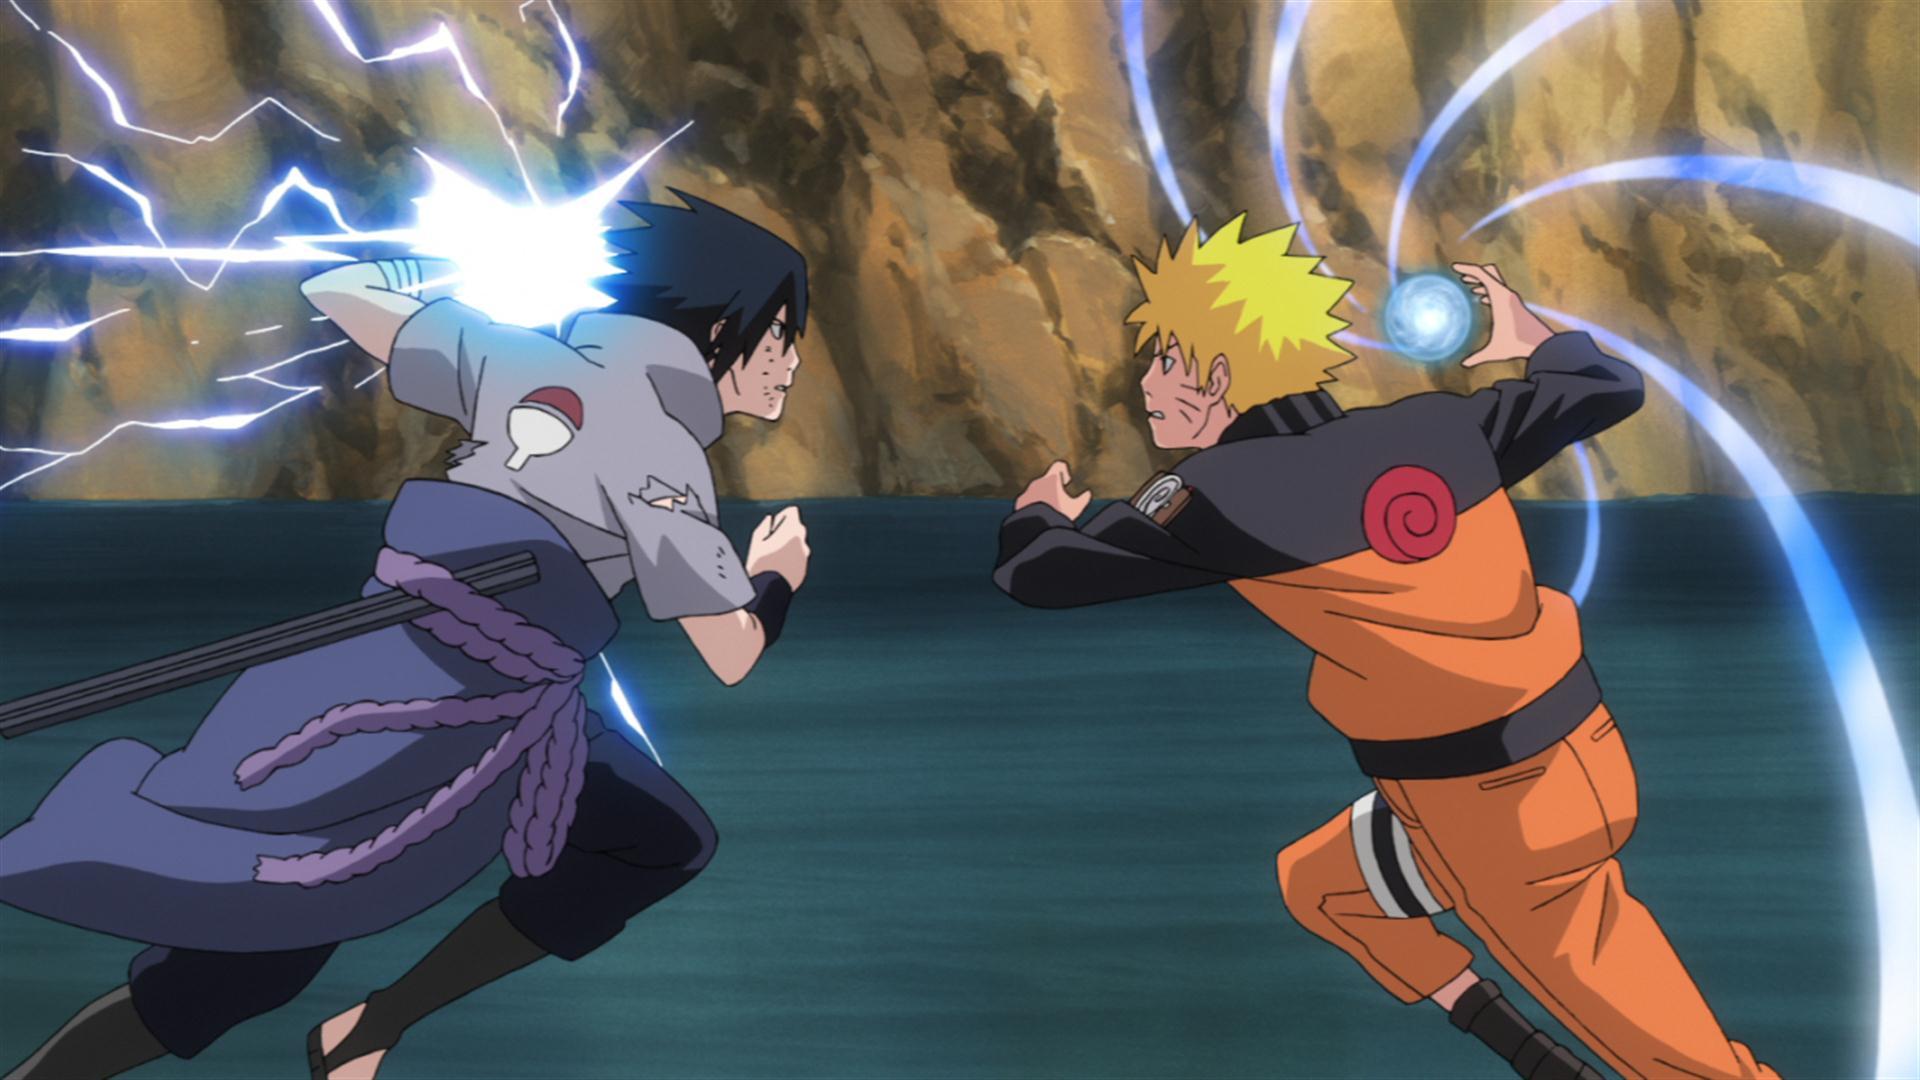 Naruto beats sasuke